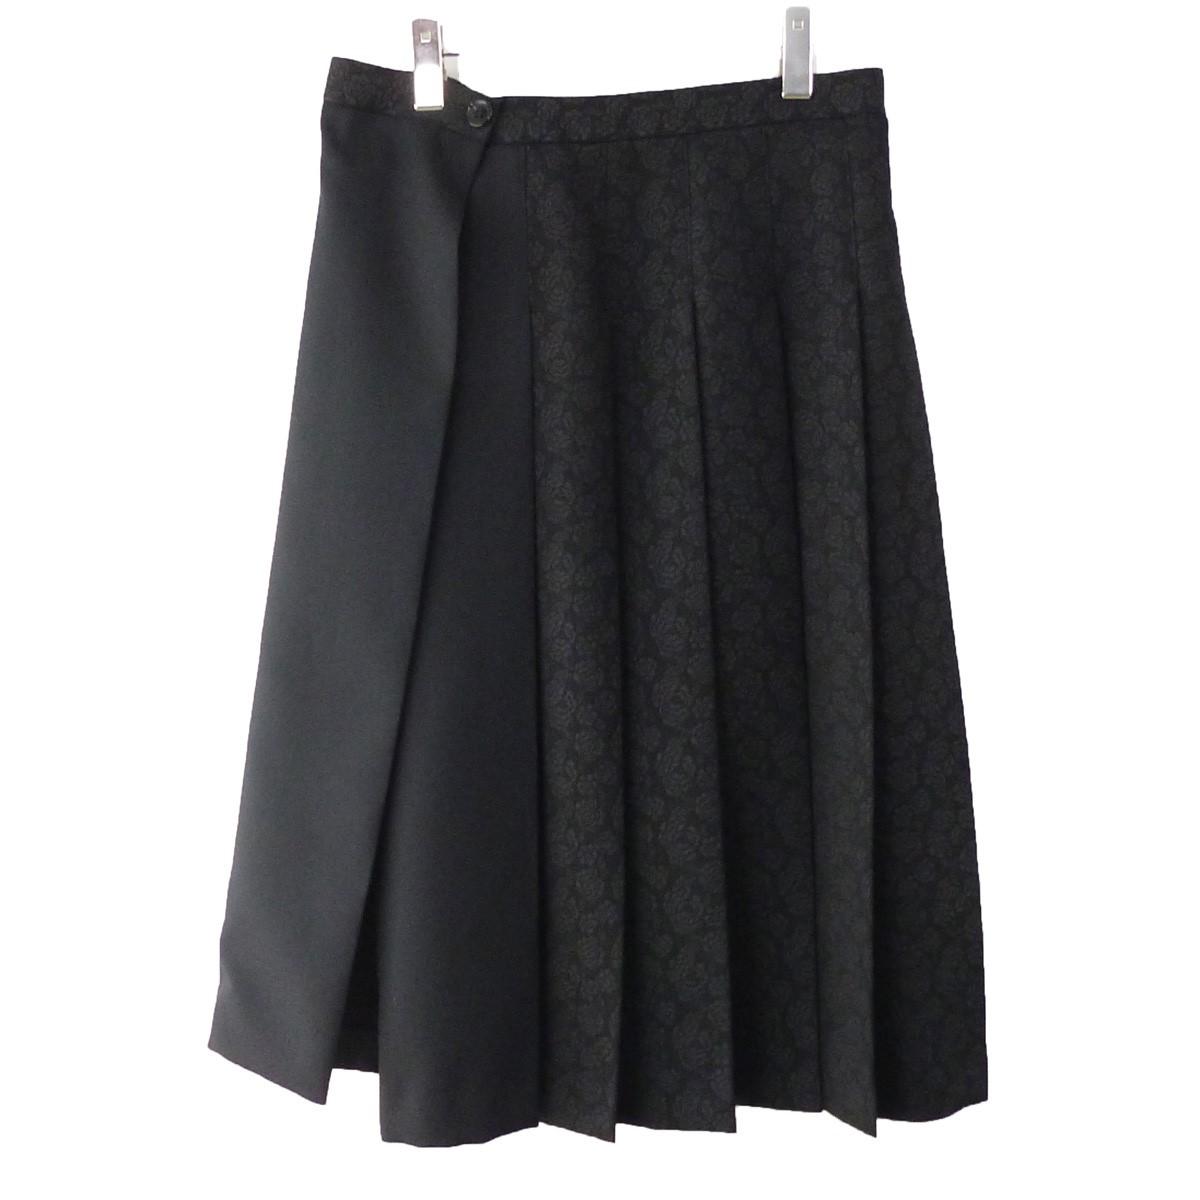 【中古】tricot COMME des GARCONS 17AW ローズプリントスカート ブラック サイズ:M 【070220】(トリココムデギャルソン)